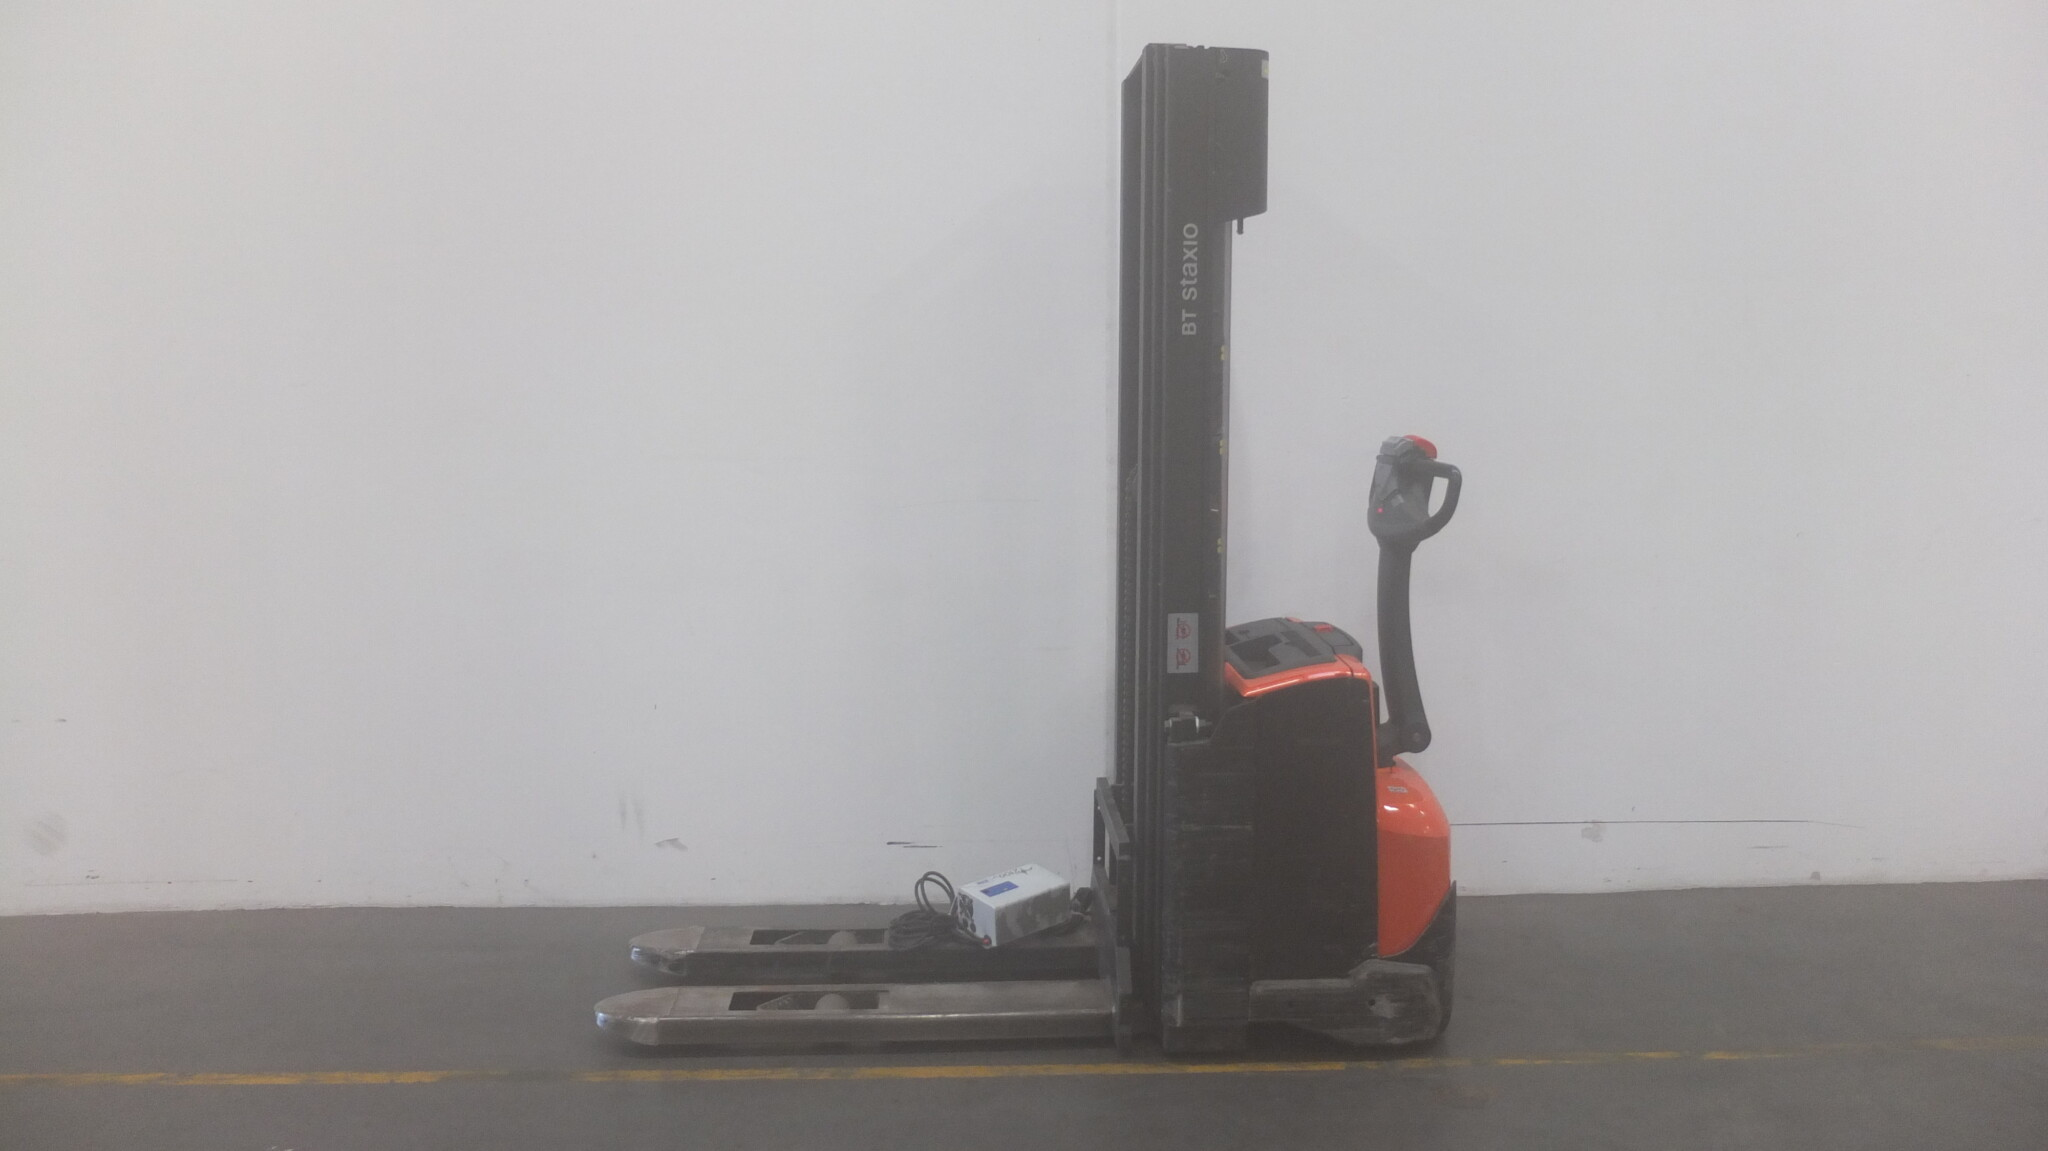 Toyota-Gabelstapler-59840 1607028771 1 scaled